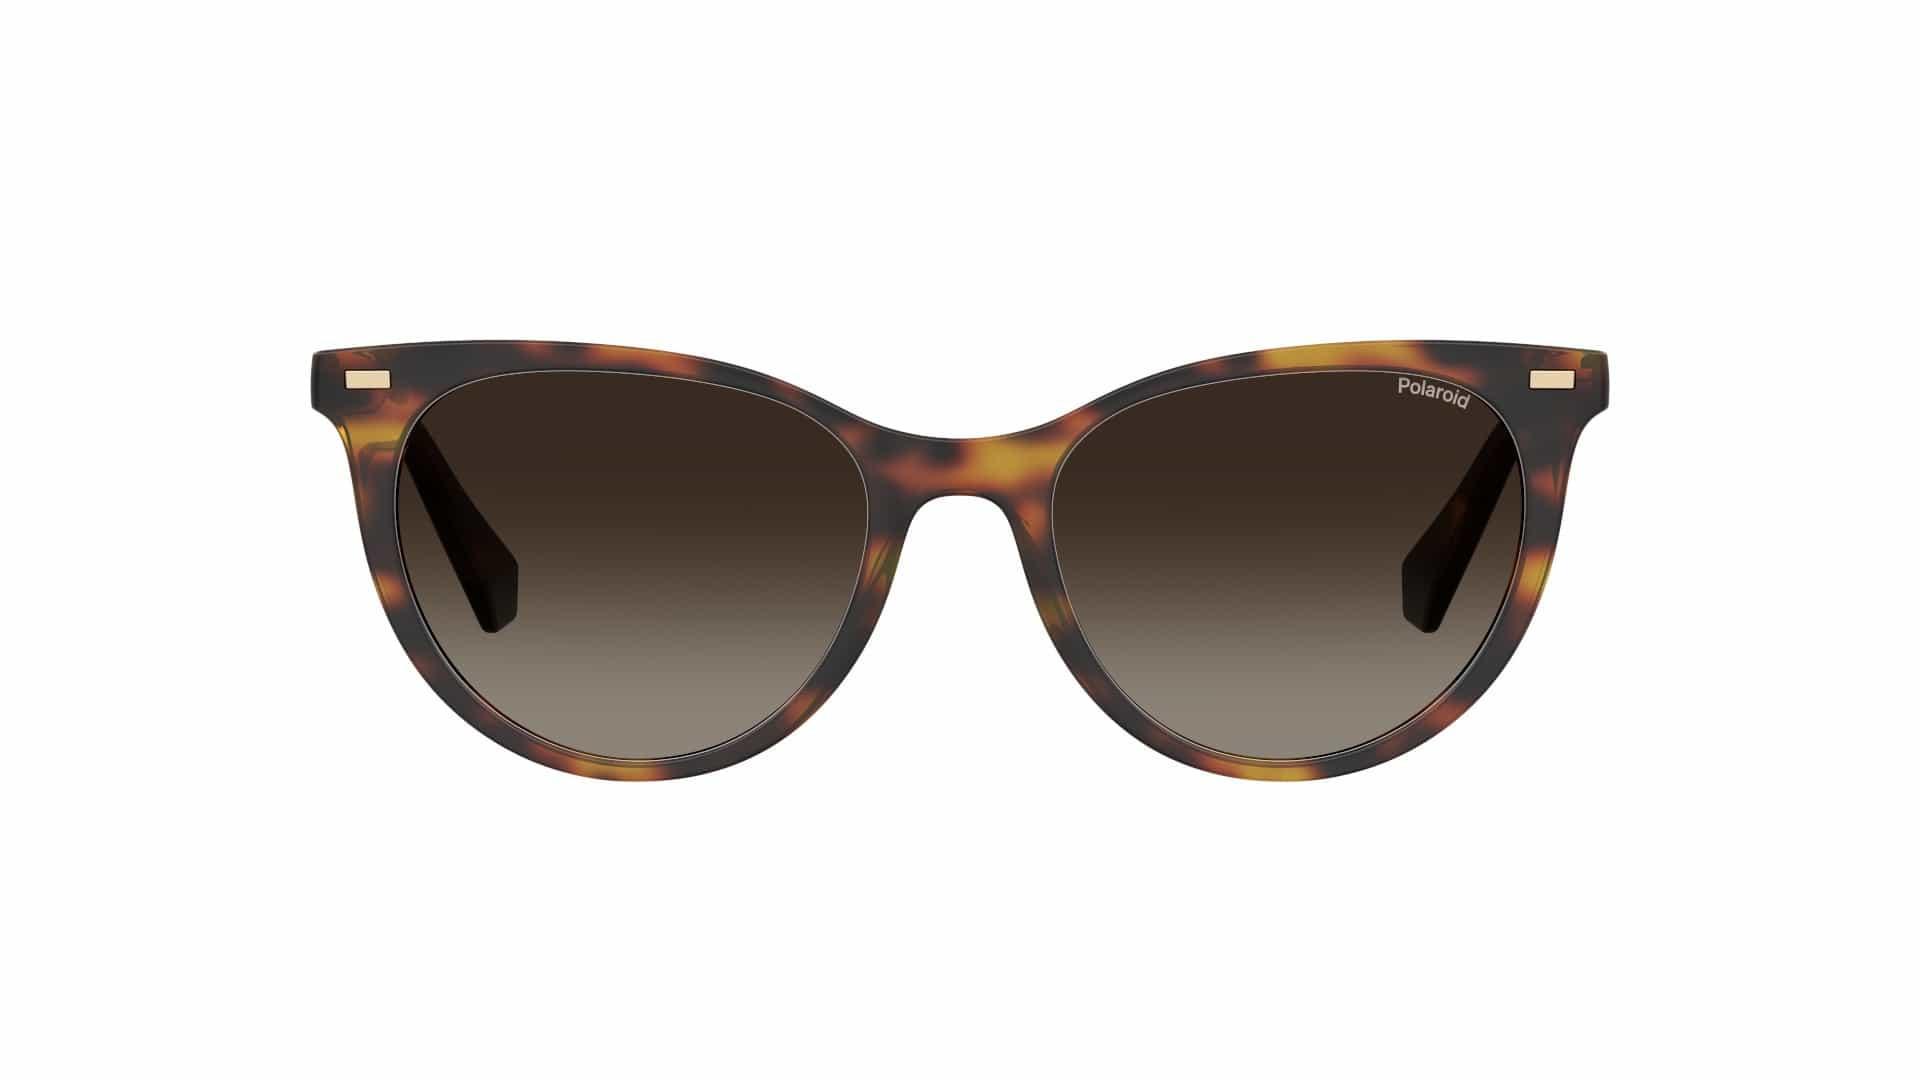 Fique a conhecer a coleção de óculos sustentáveis da Polaroid